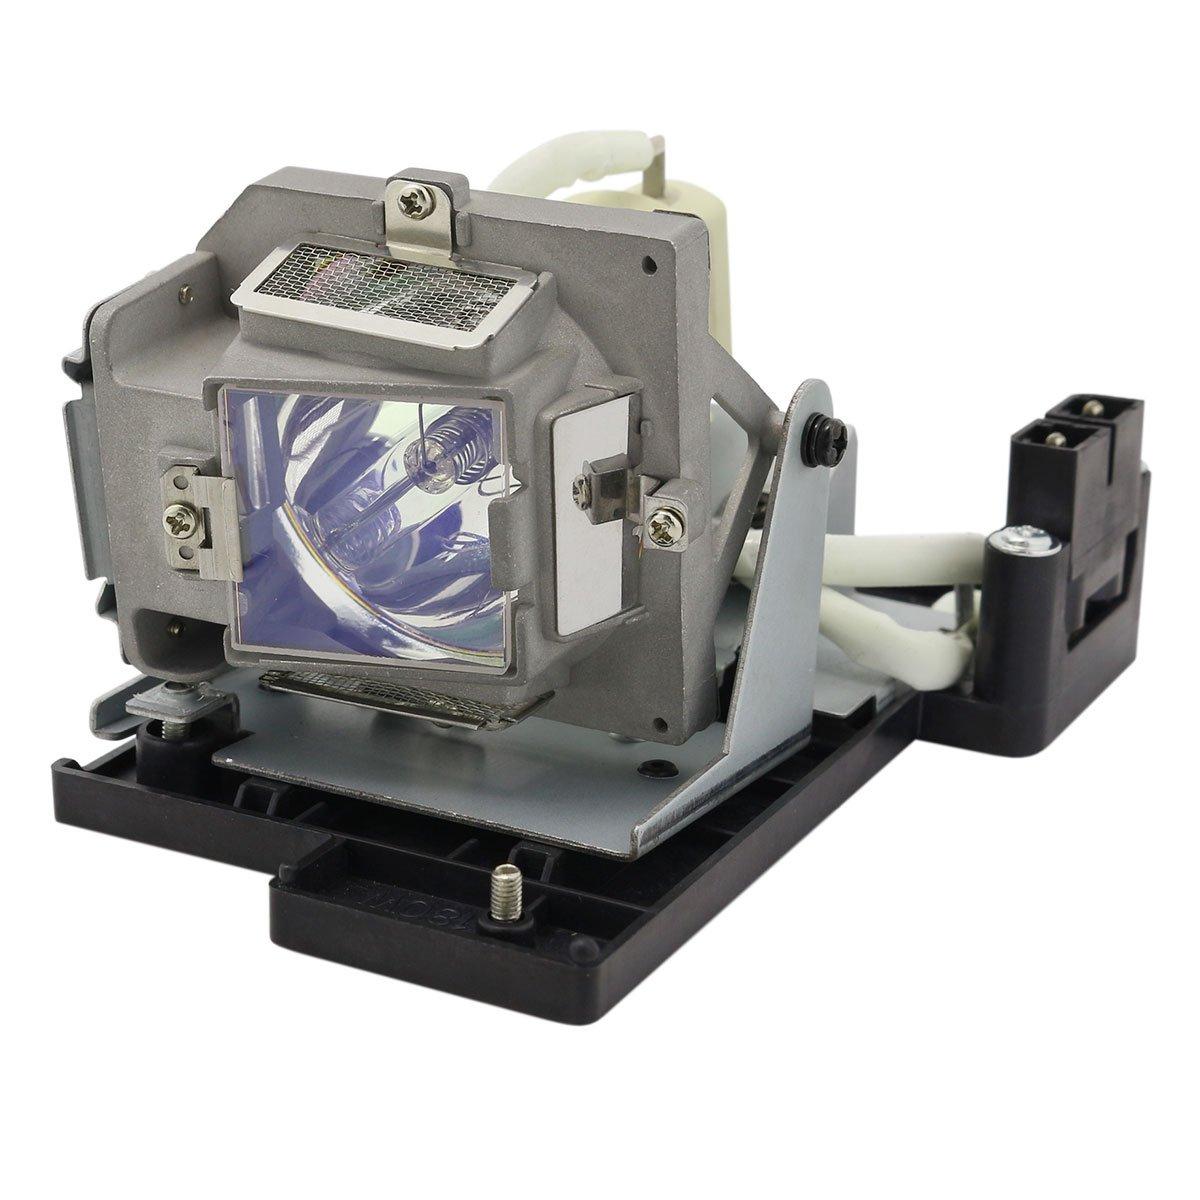 AuraBeam プロフェッショナル 交換用プロジェクターランプ LG AJ-LDX4用 ハウジング付き Osramより販売 B0143MOIVW